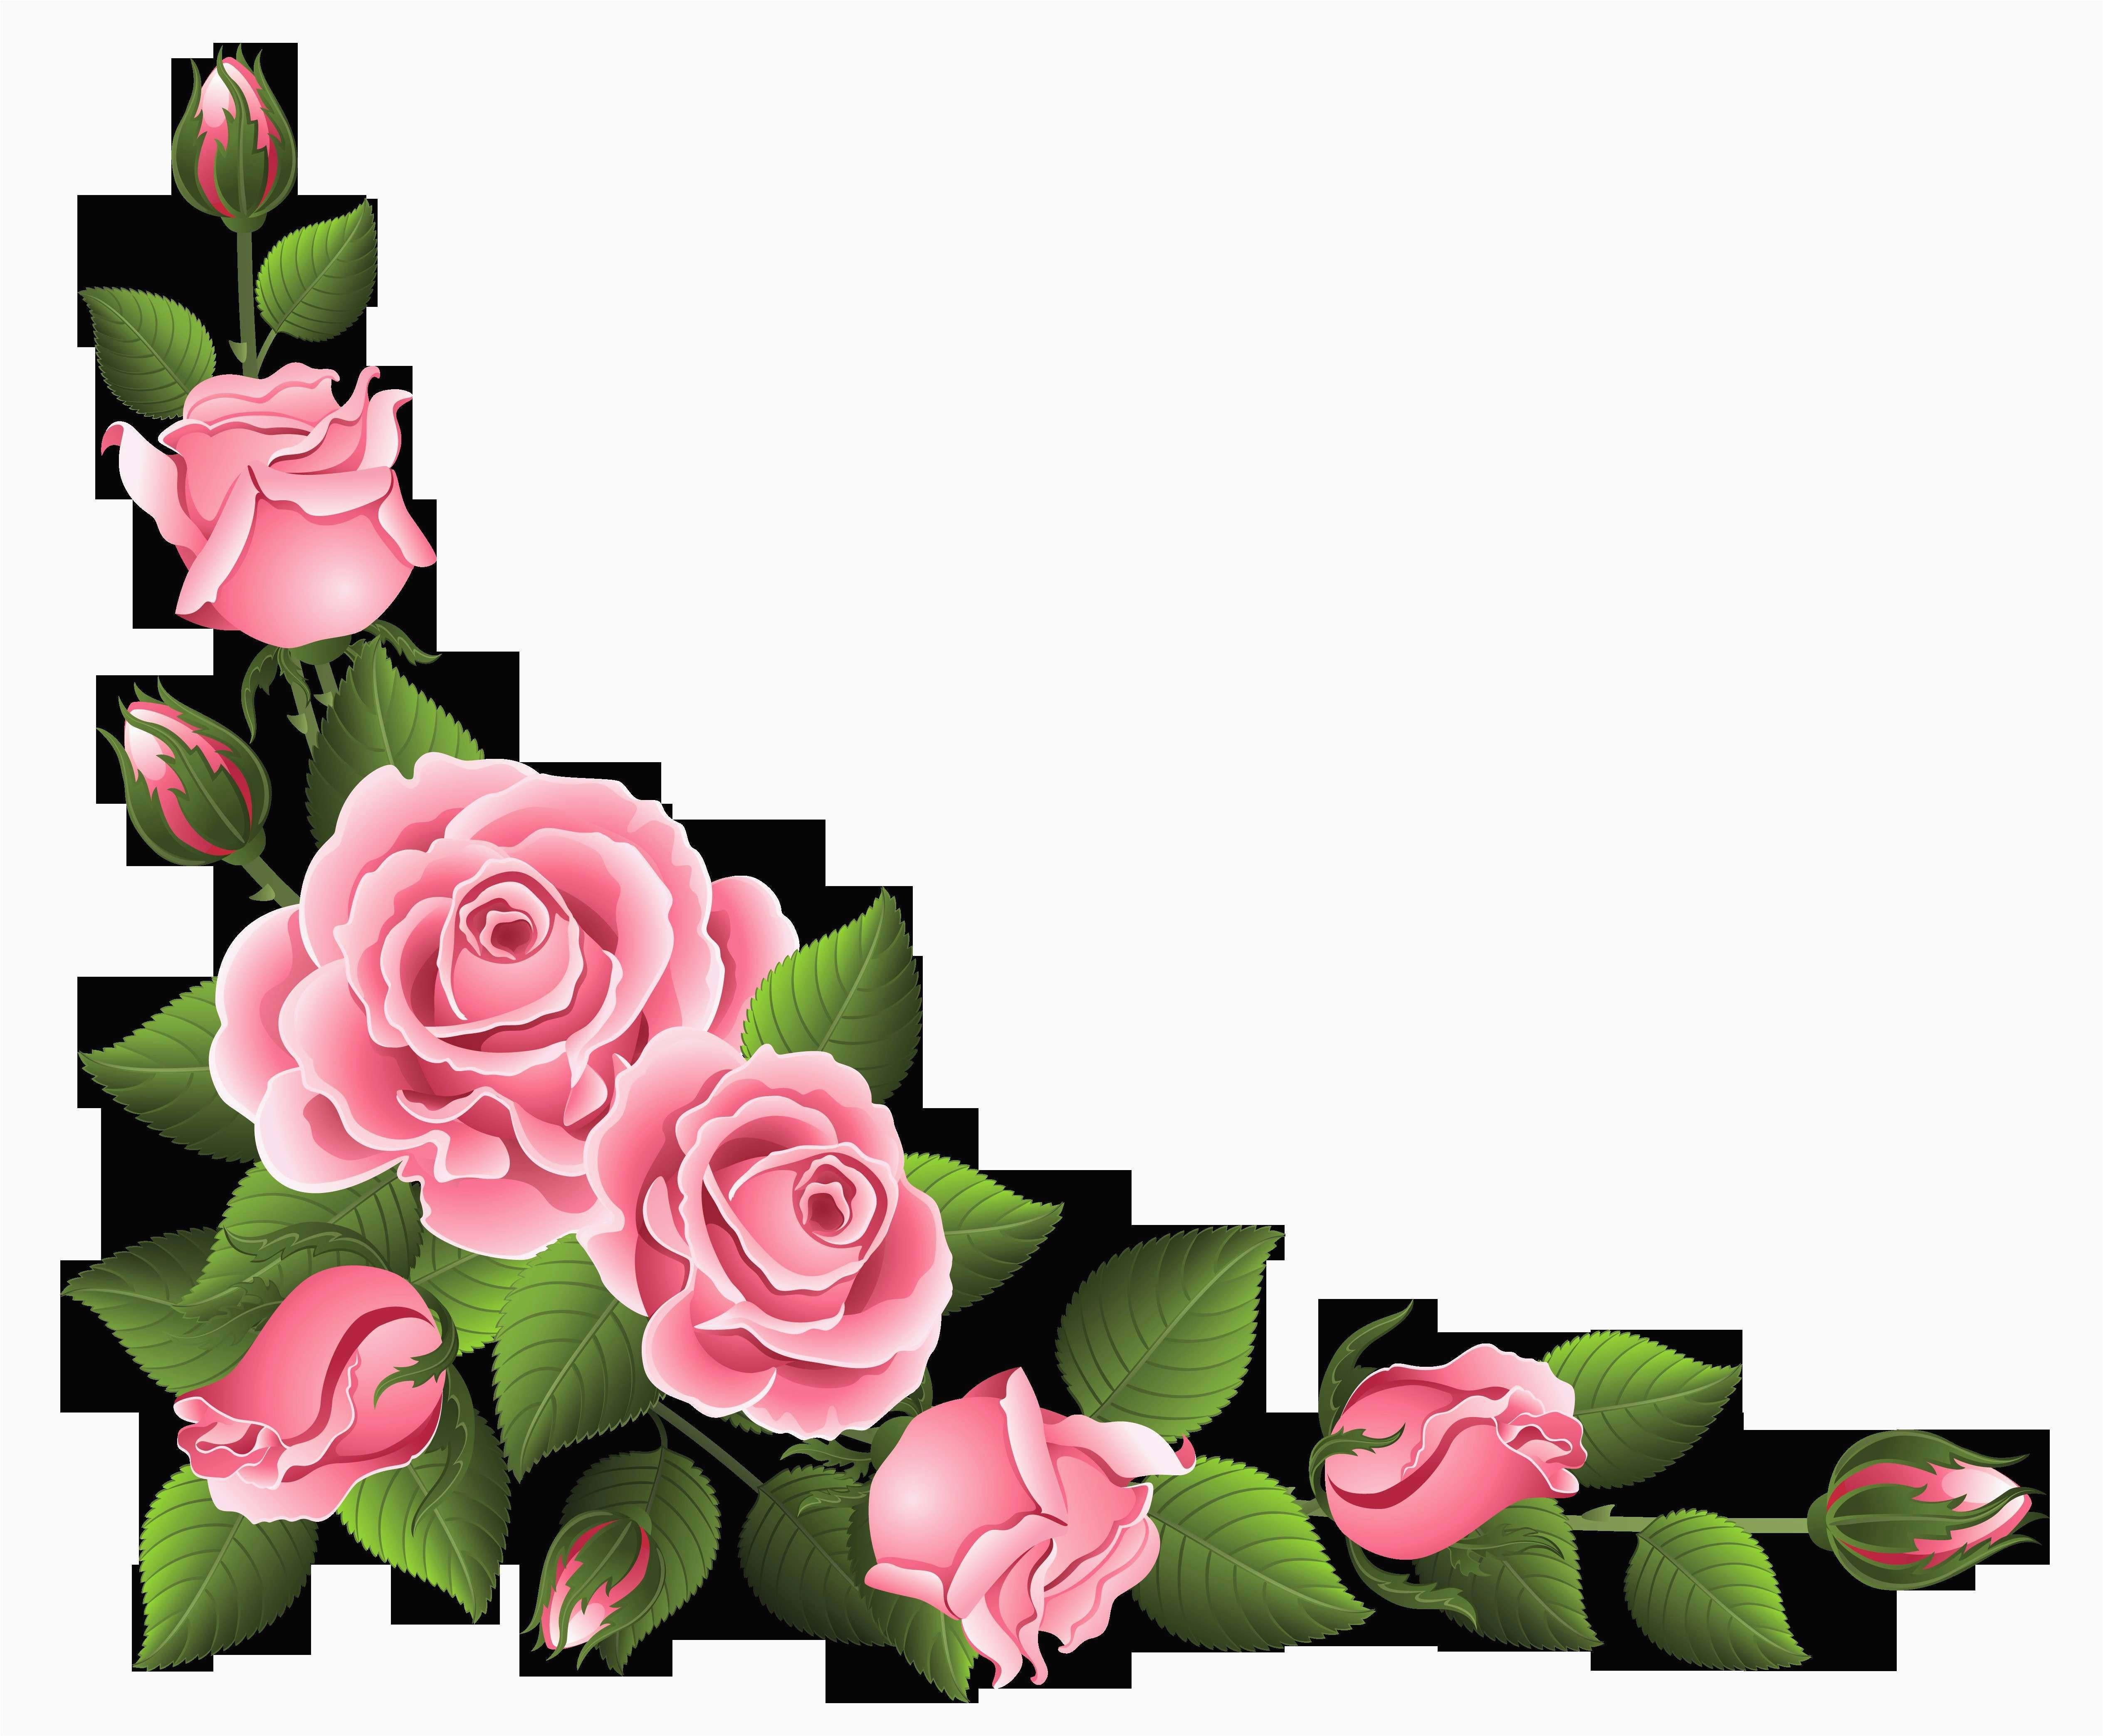 cheap pink vases of flower clipart review bodenvase deko neu flower vase table 04h vases within flower clipart latest bodenvase deko neu flower vase table 04h vases tablei 0d clipart 2zy trending